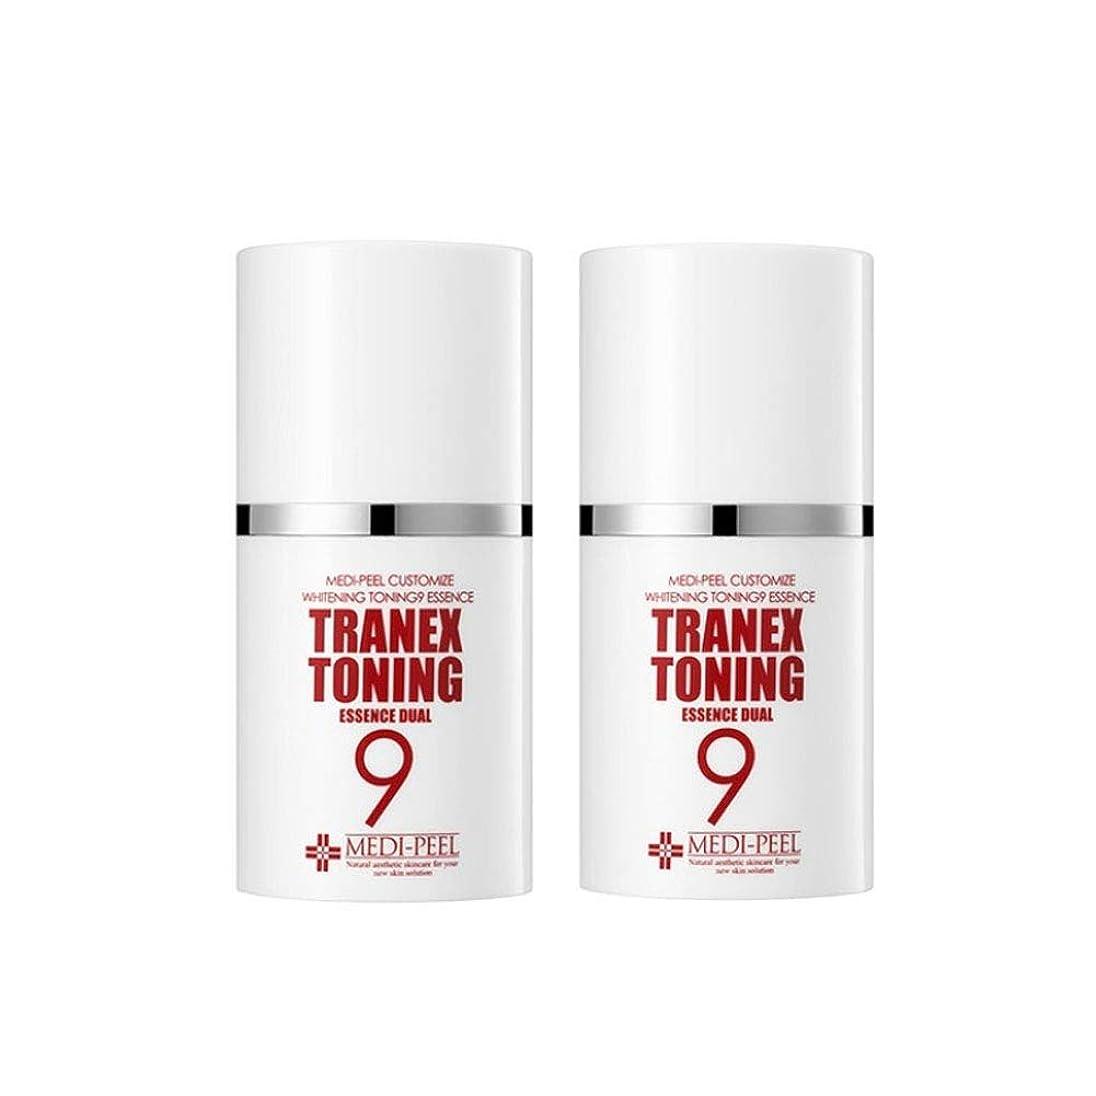 デモンストレーション立法被害者メディピル?トラネック調9エッセンスデュアル50mlx2本セット美白クリーム韓国コスメ、Medi-Peel Tranex Toning 9 Essence Dual 50ml x 2ea Set Whitening Cream Korean Cosmetics [並行輸入品]